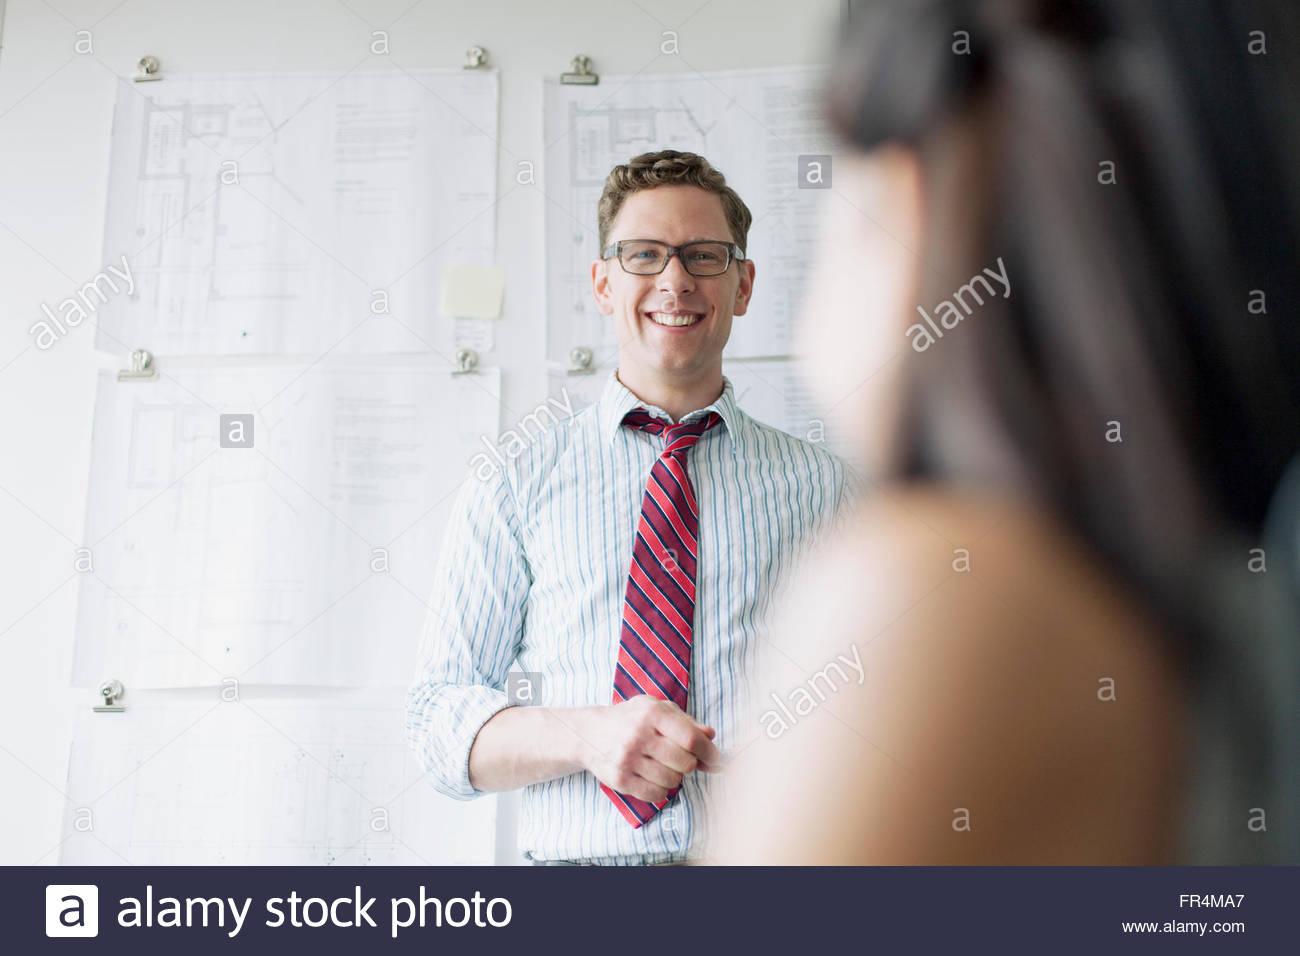 Architekt, lächelnd während der Präsentation Stockbild